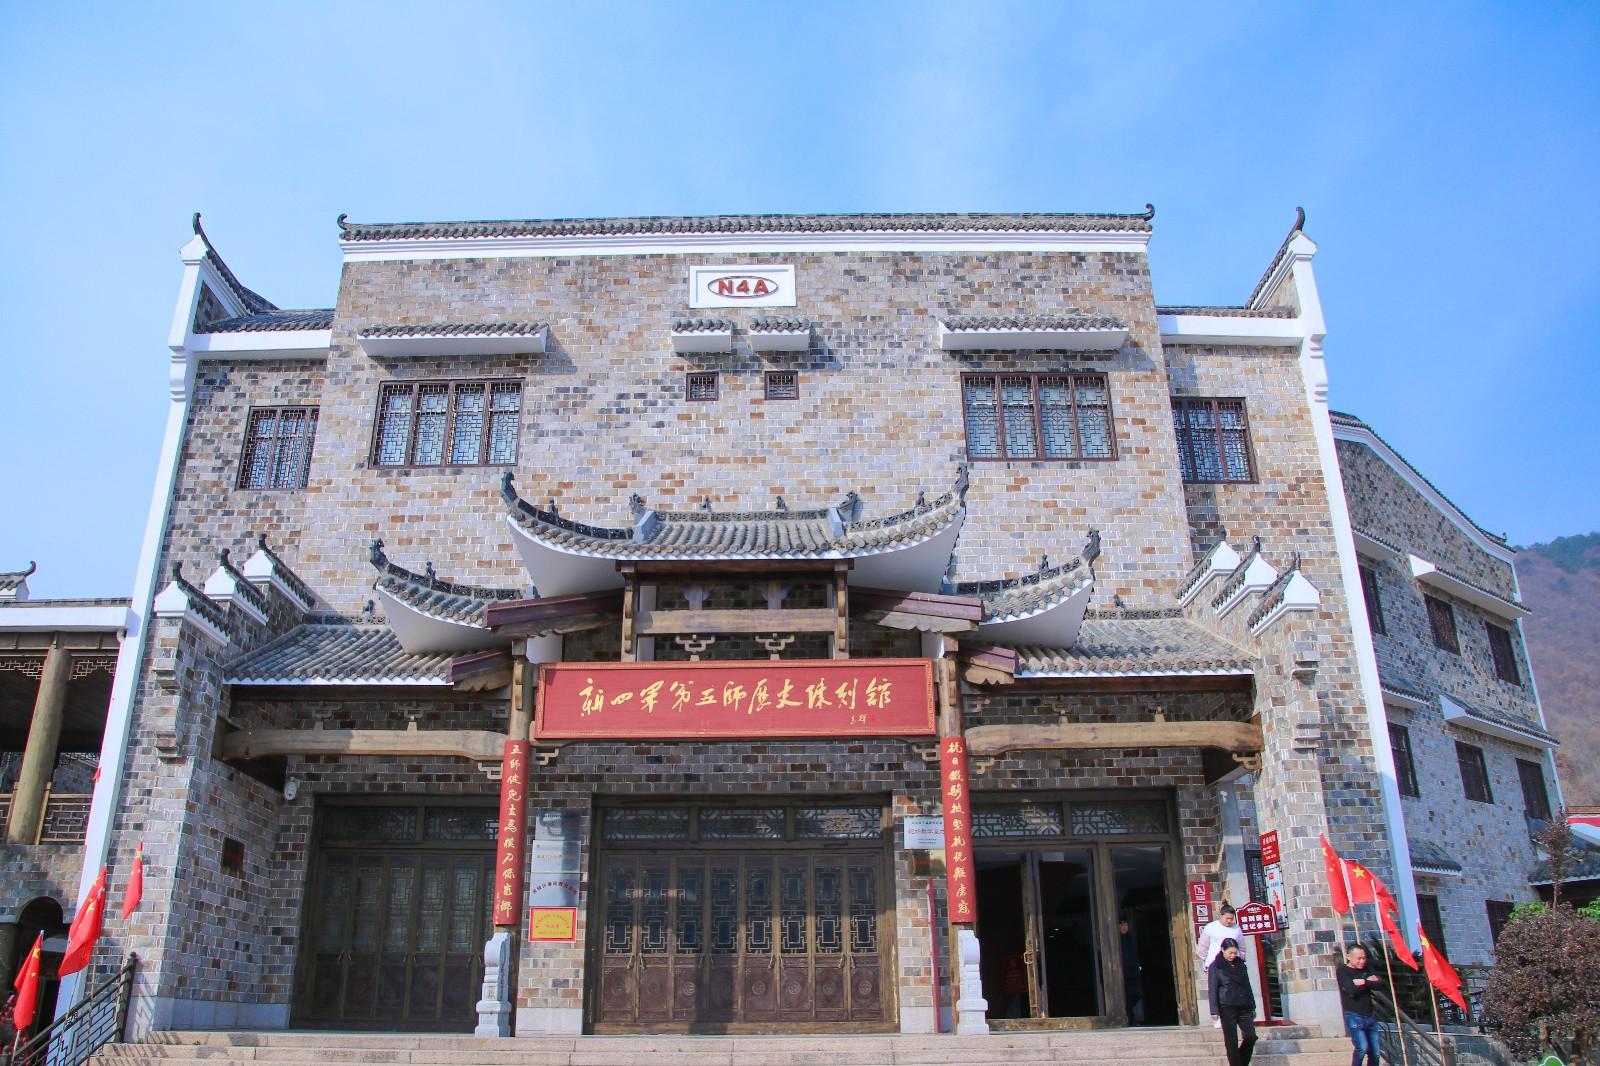 【新年輕度假】武漢小眾旅行好去處 被譽為武漢抗戰第一村 村里多長壽老人